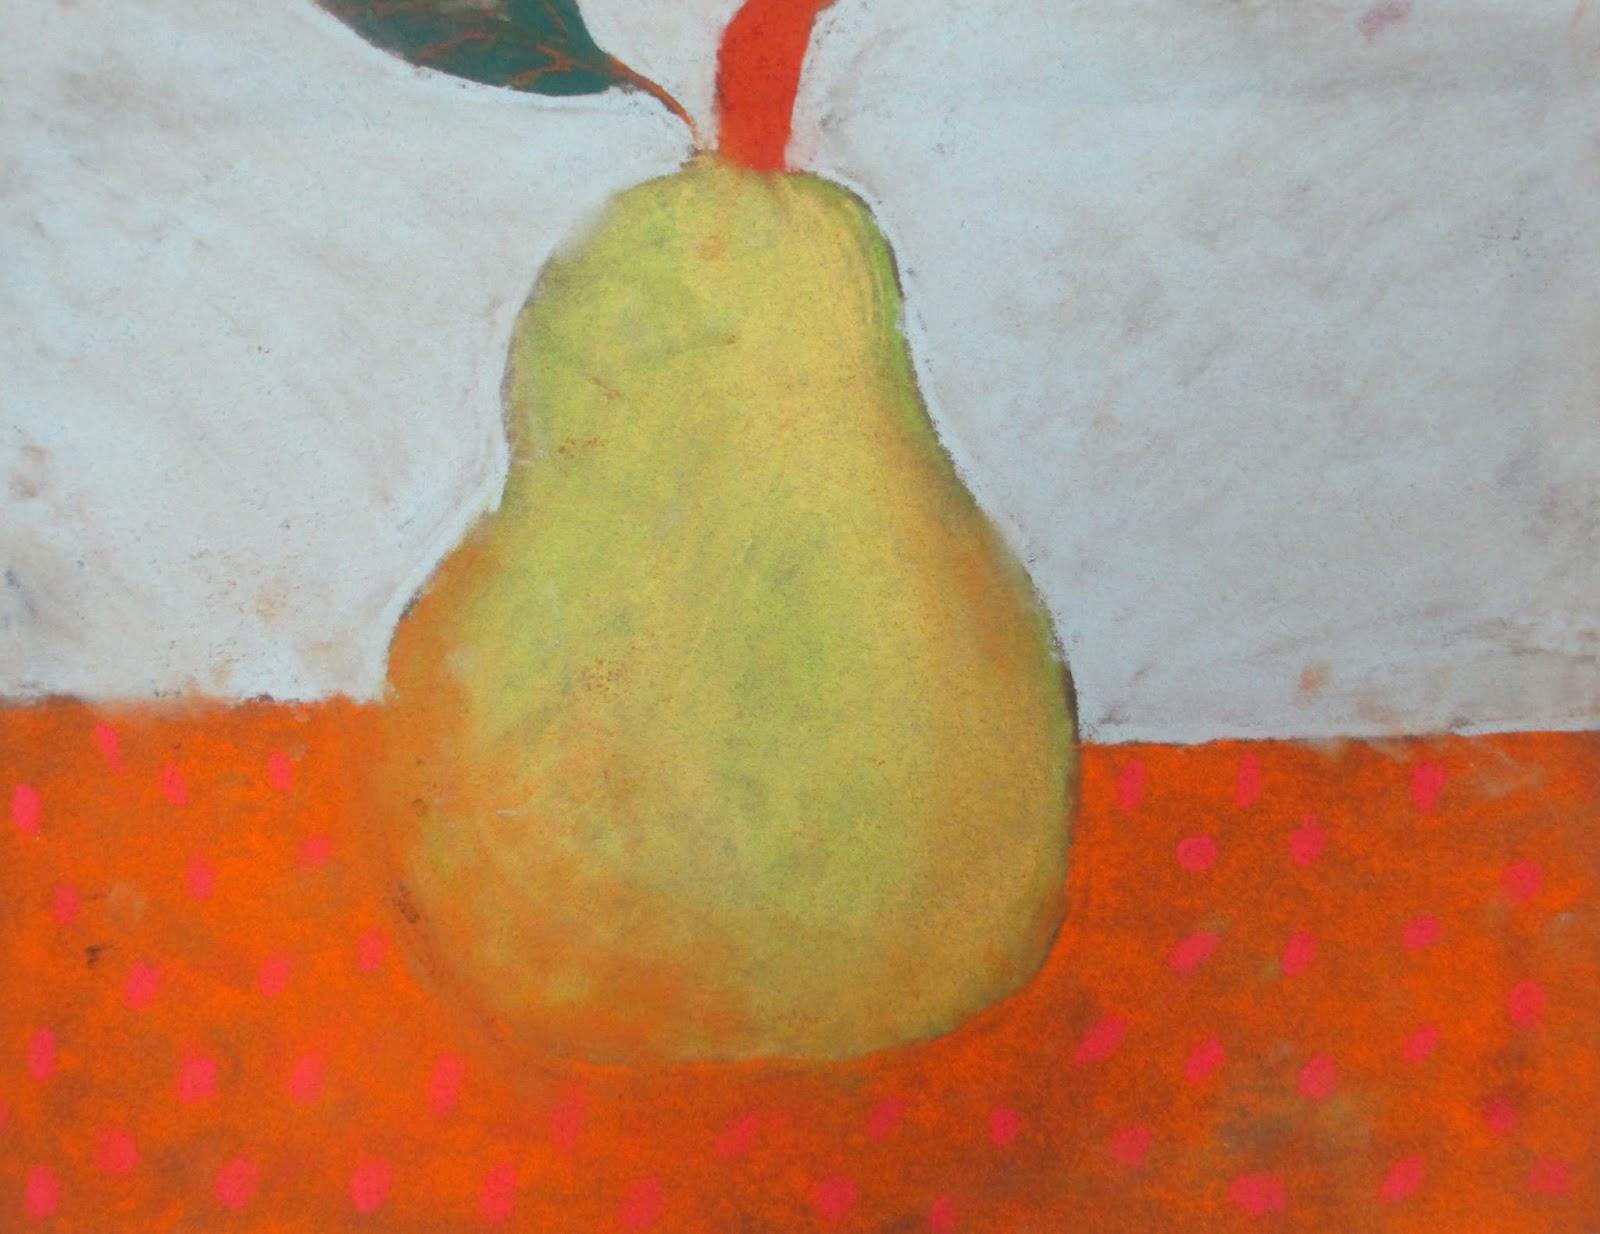 Pear on Polkadots.jpg